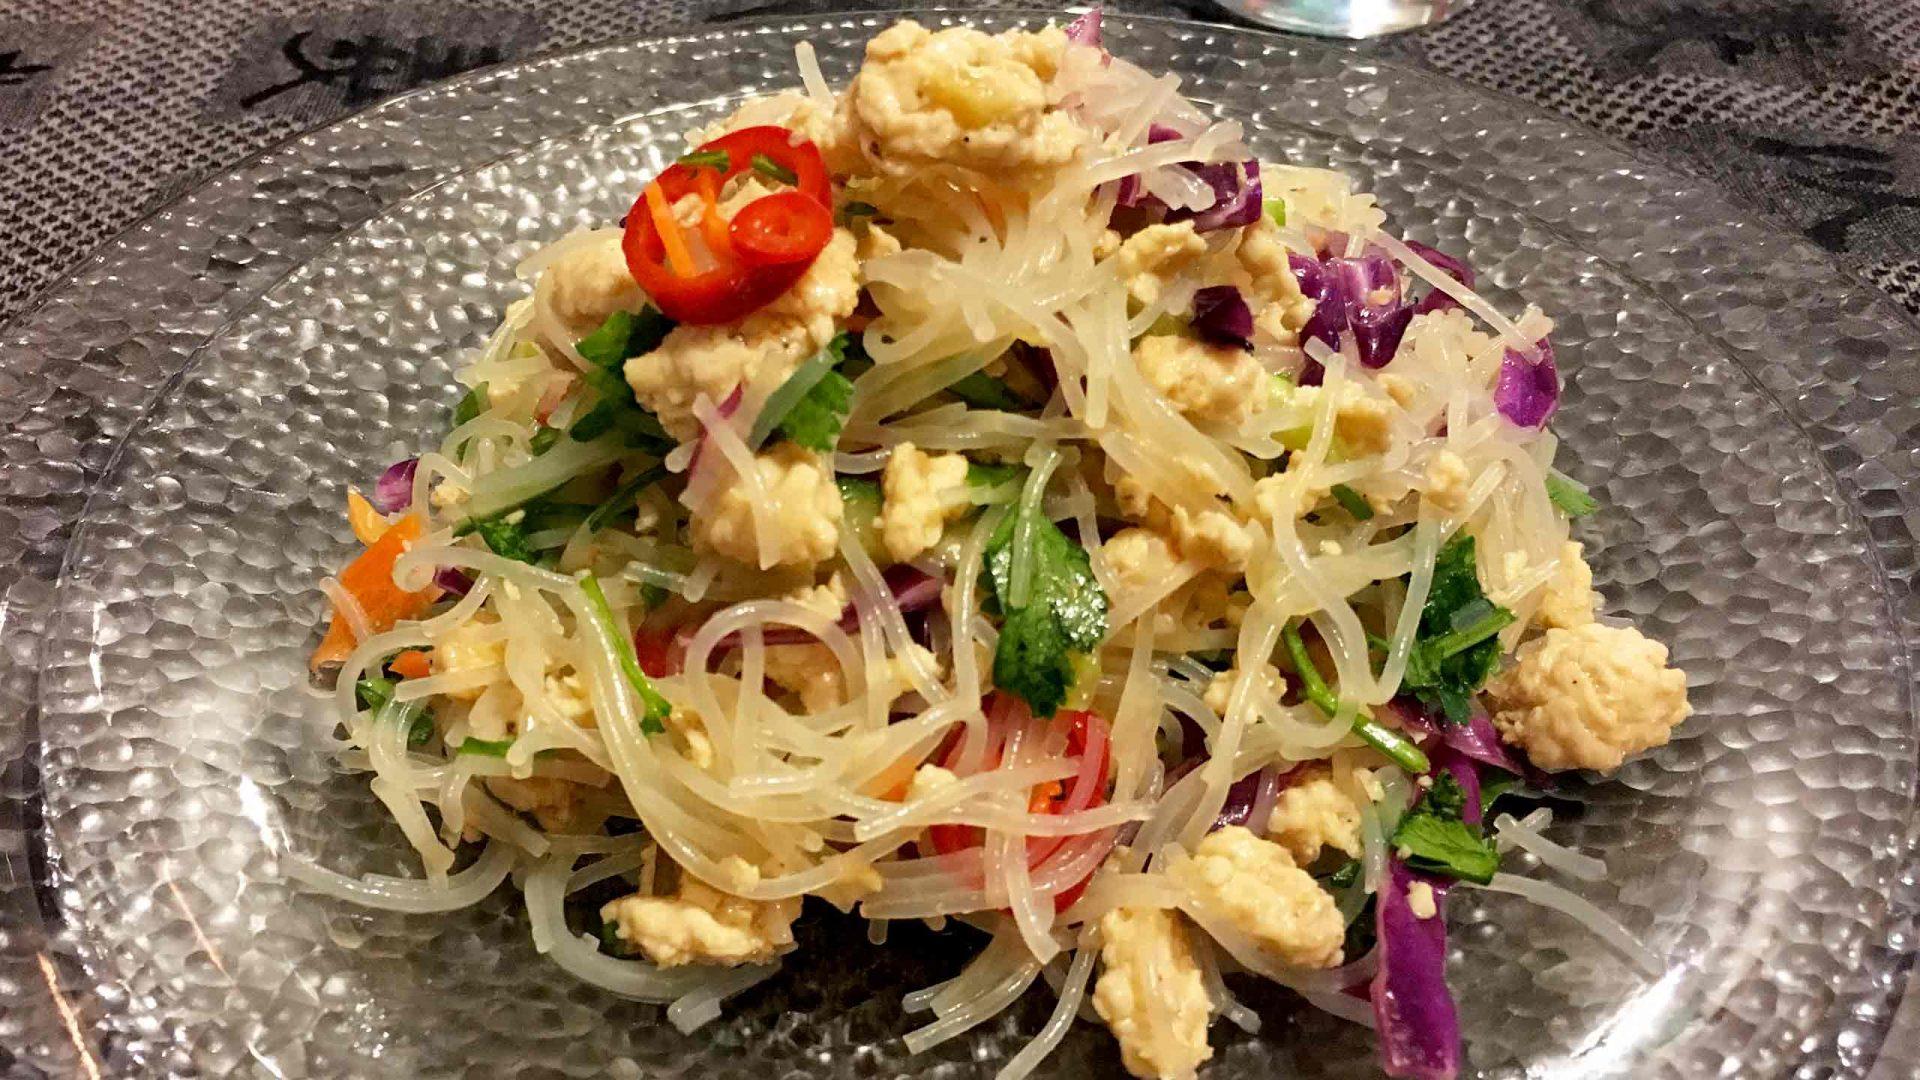 סלט אסייתי - ירקות, אטריות אורז ועוף טחון